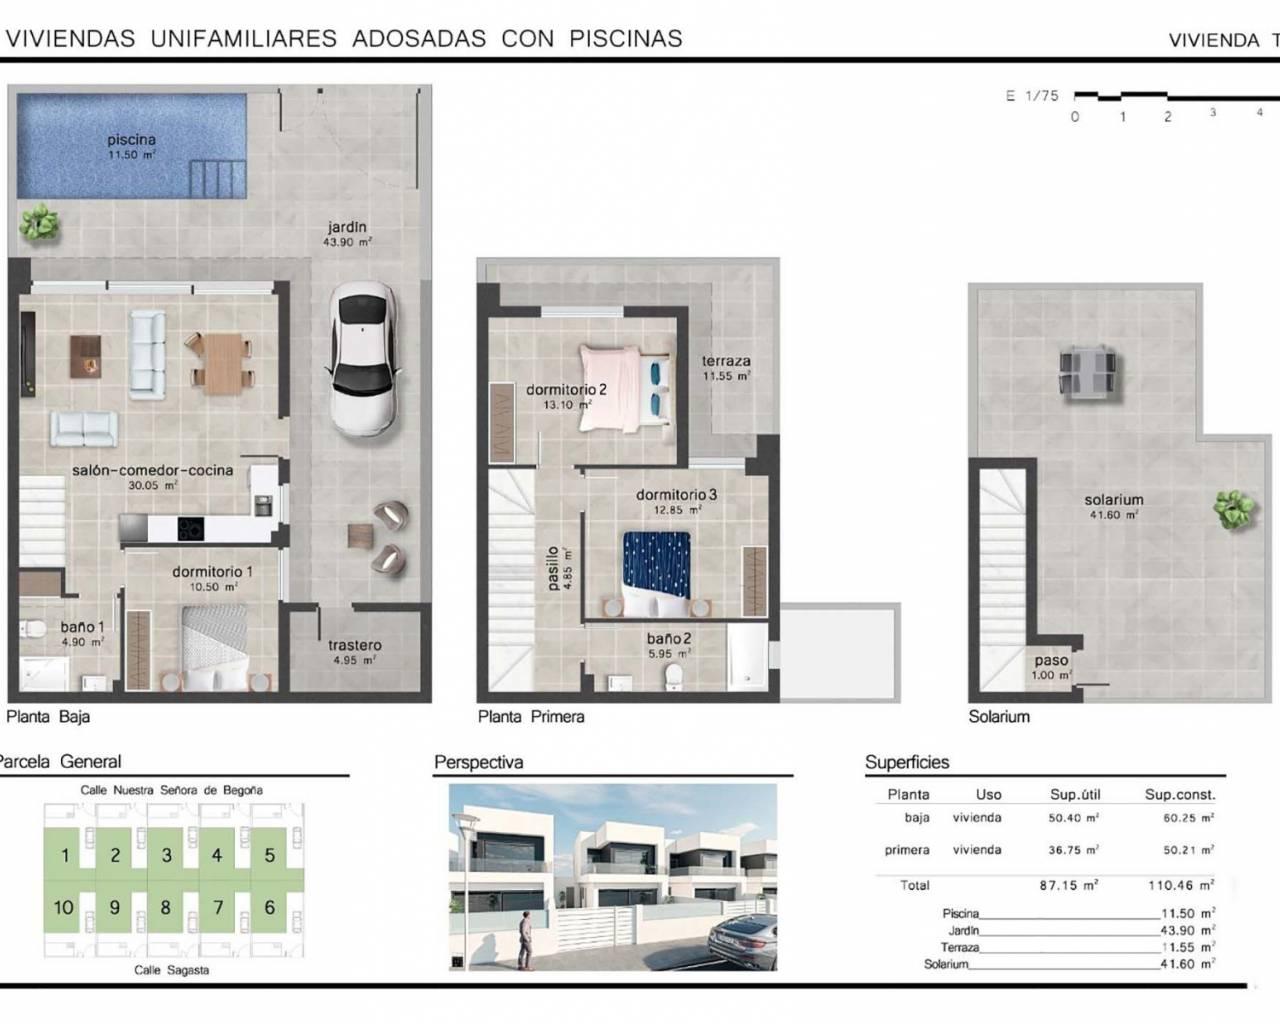 nieuwbouw-vrijstaande-villa-san-pedro-del-pinatar_5026_xl